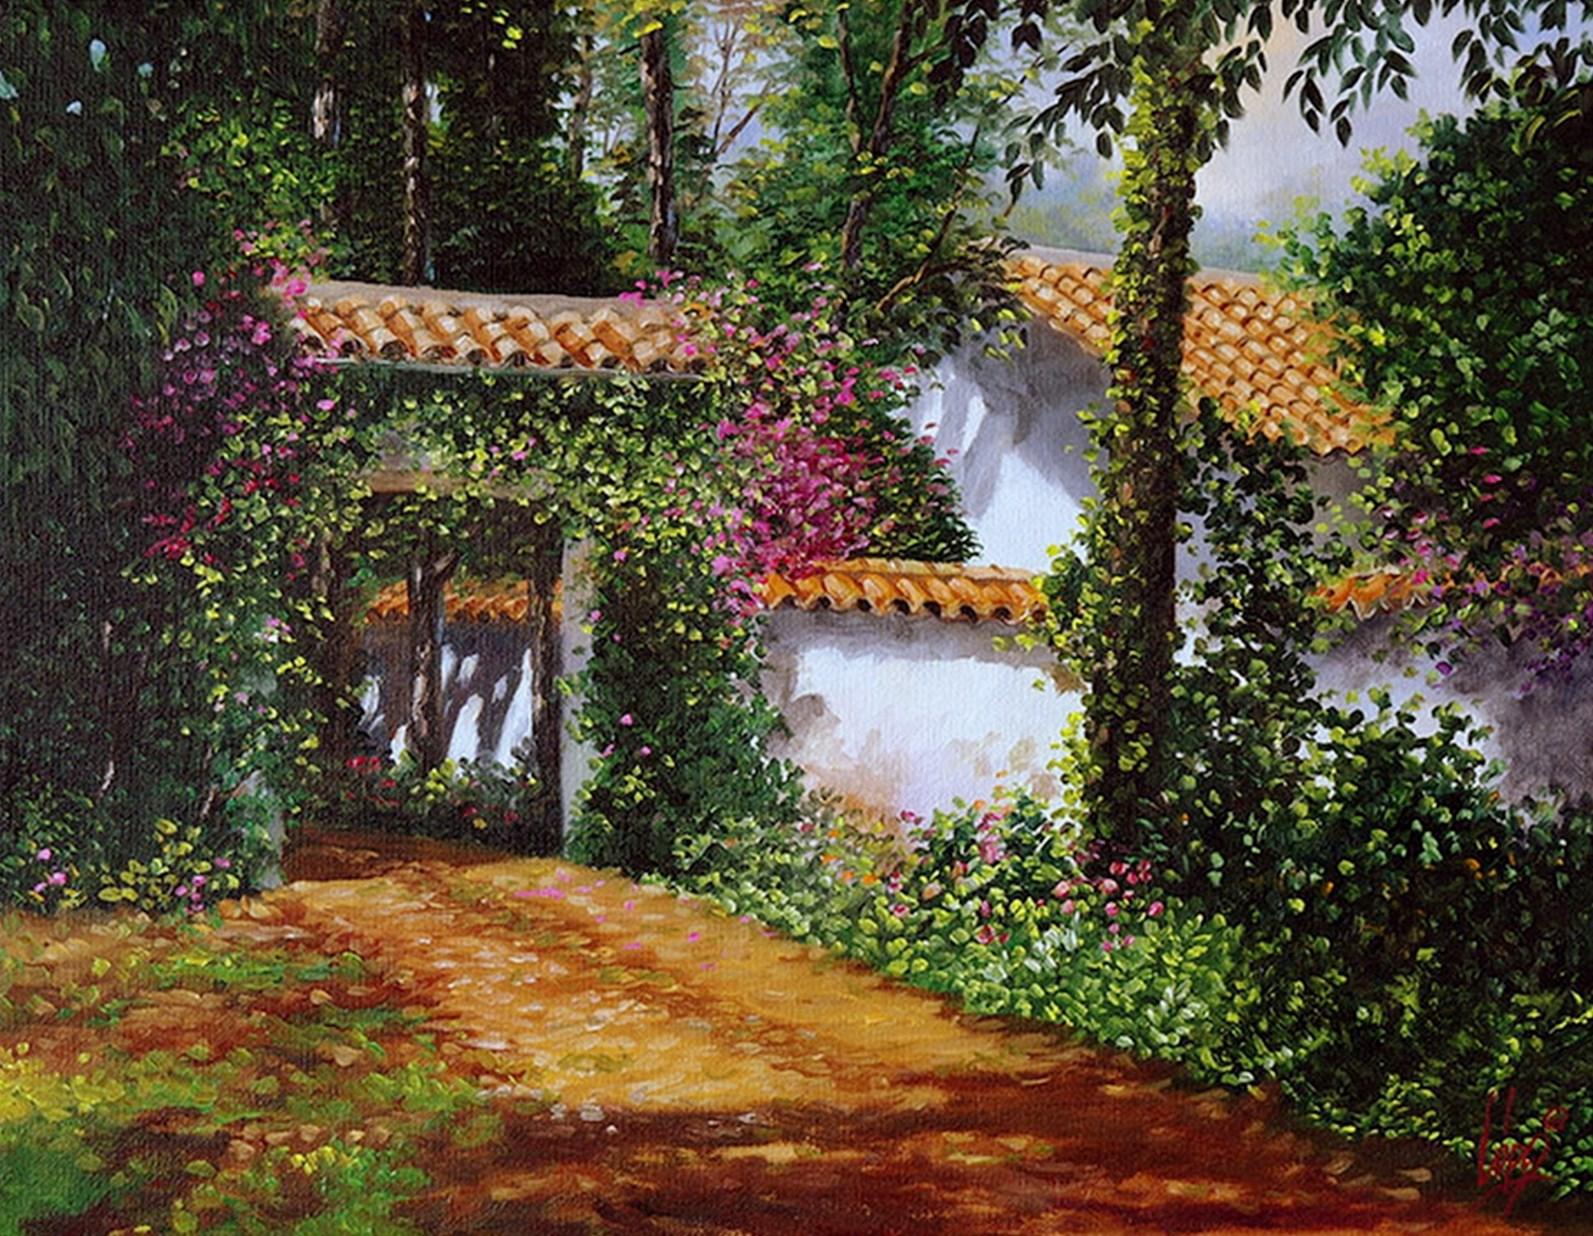 Imágenes Arte Pinturas: Pinturas Pueblos Paisajes, José Orlando ...